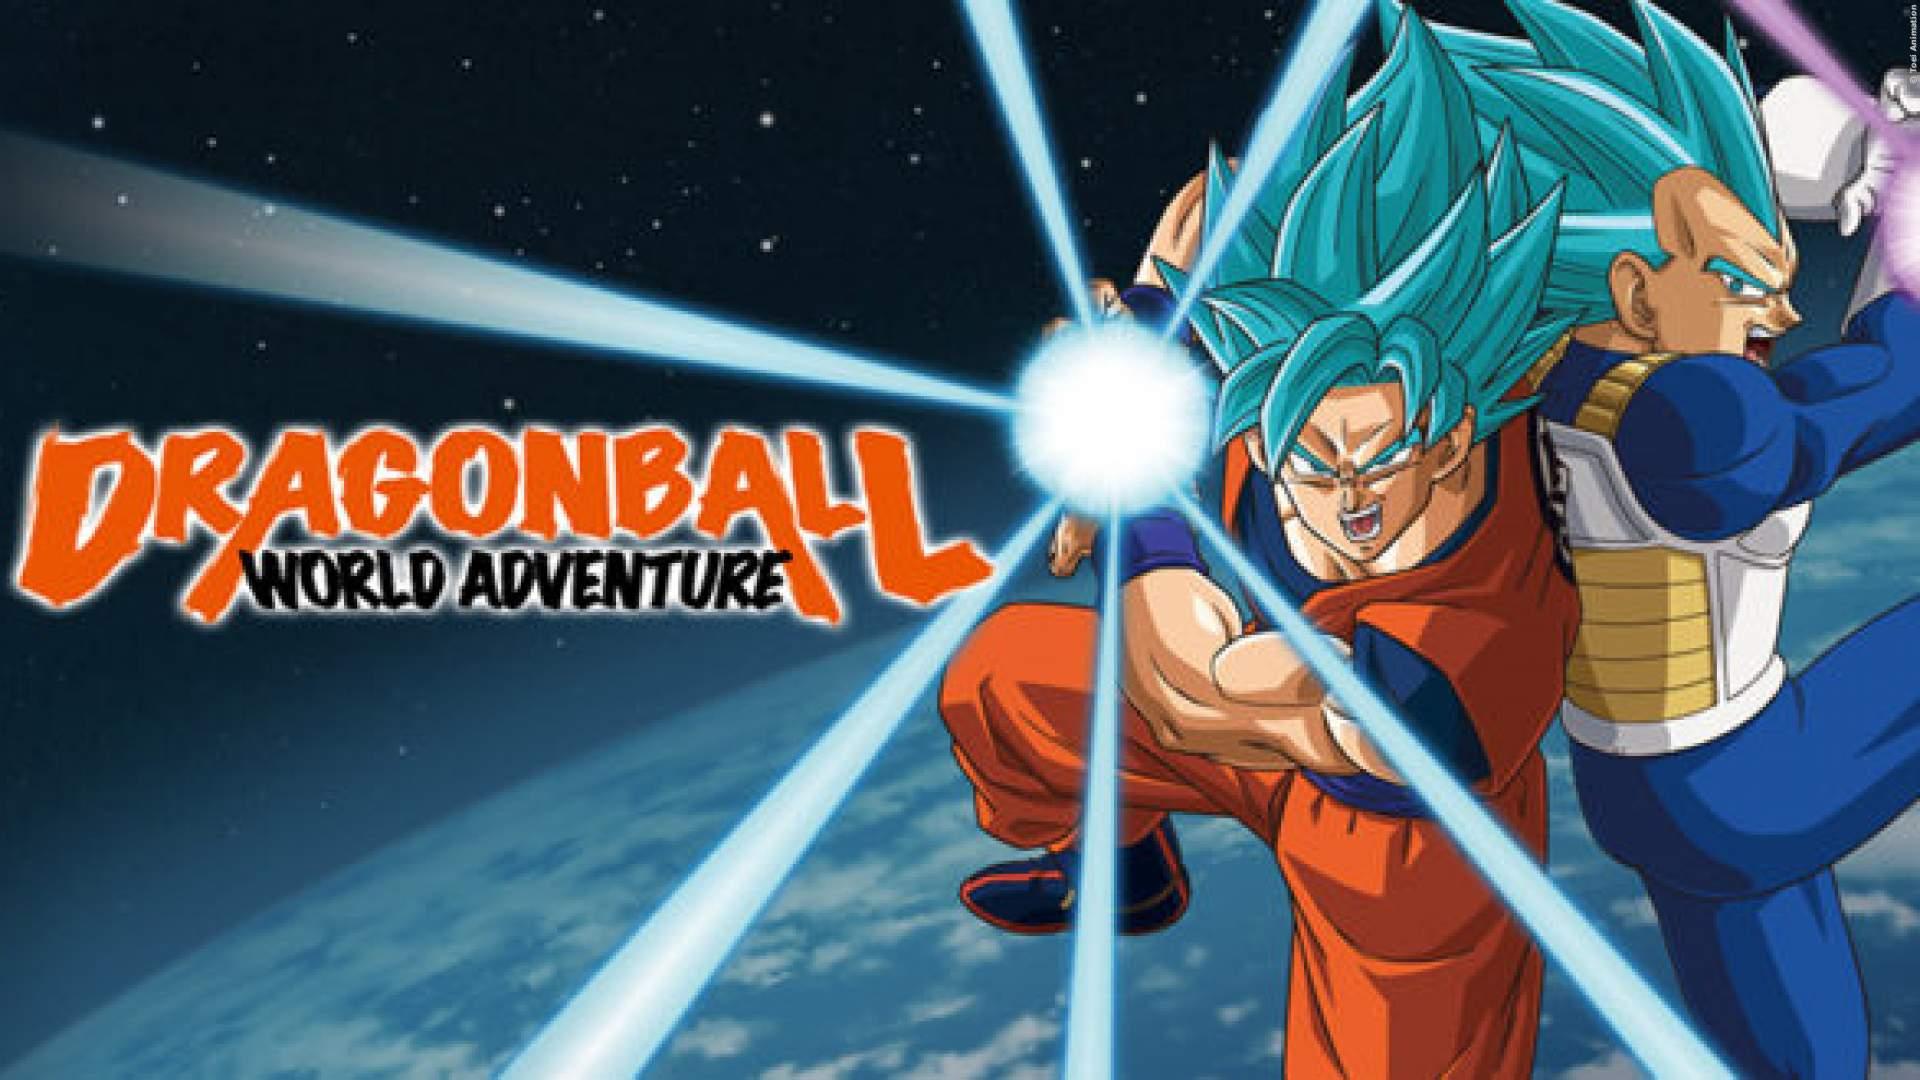 ÜBERRASCHUNG: Mega-'Dragon Ball'-Fan-Event angekündigt - das steckt dahinter